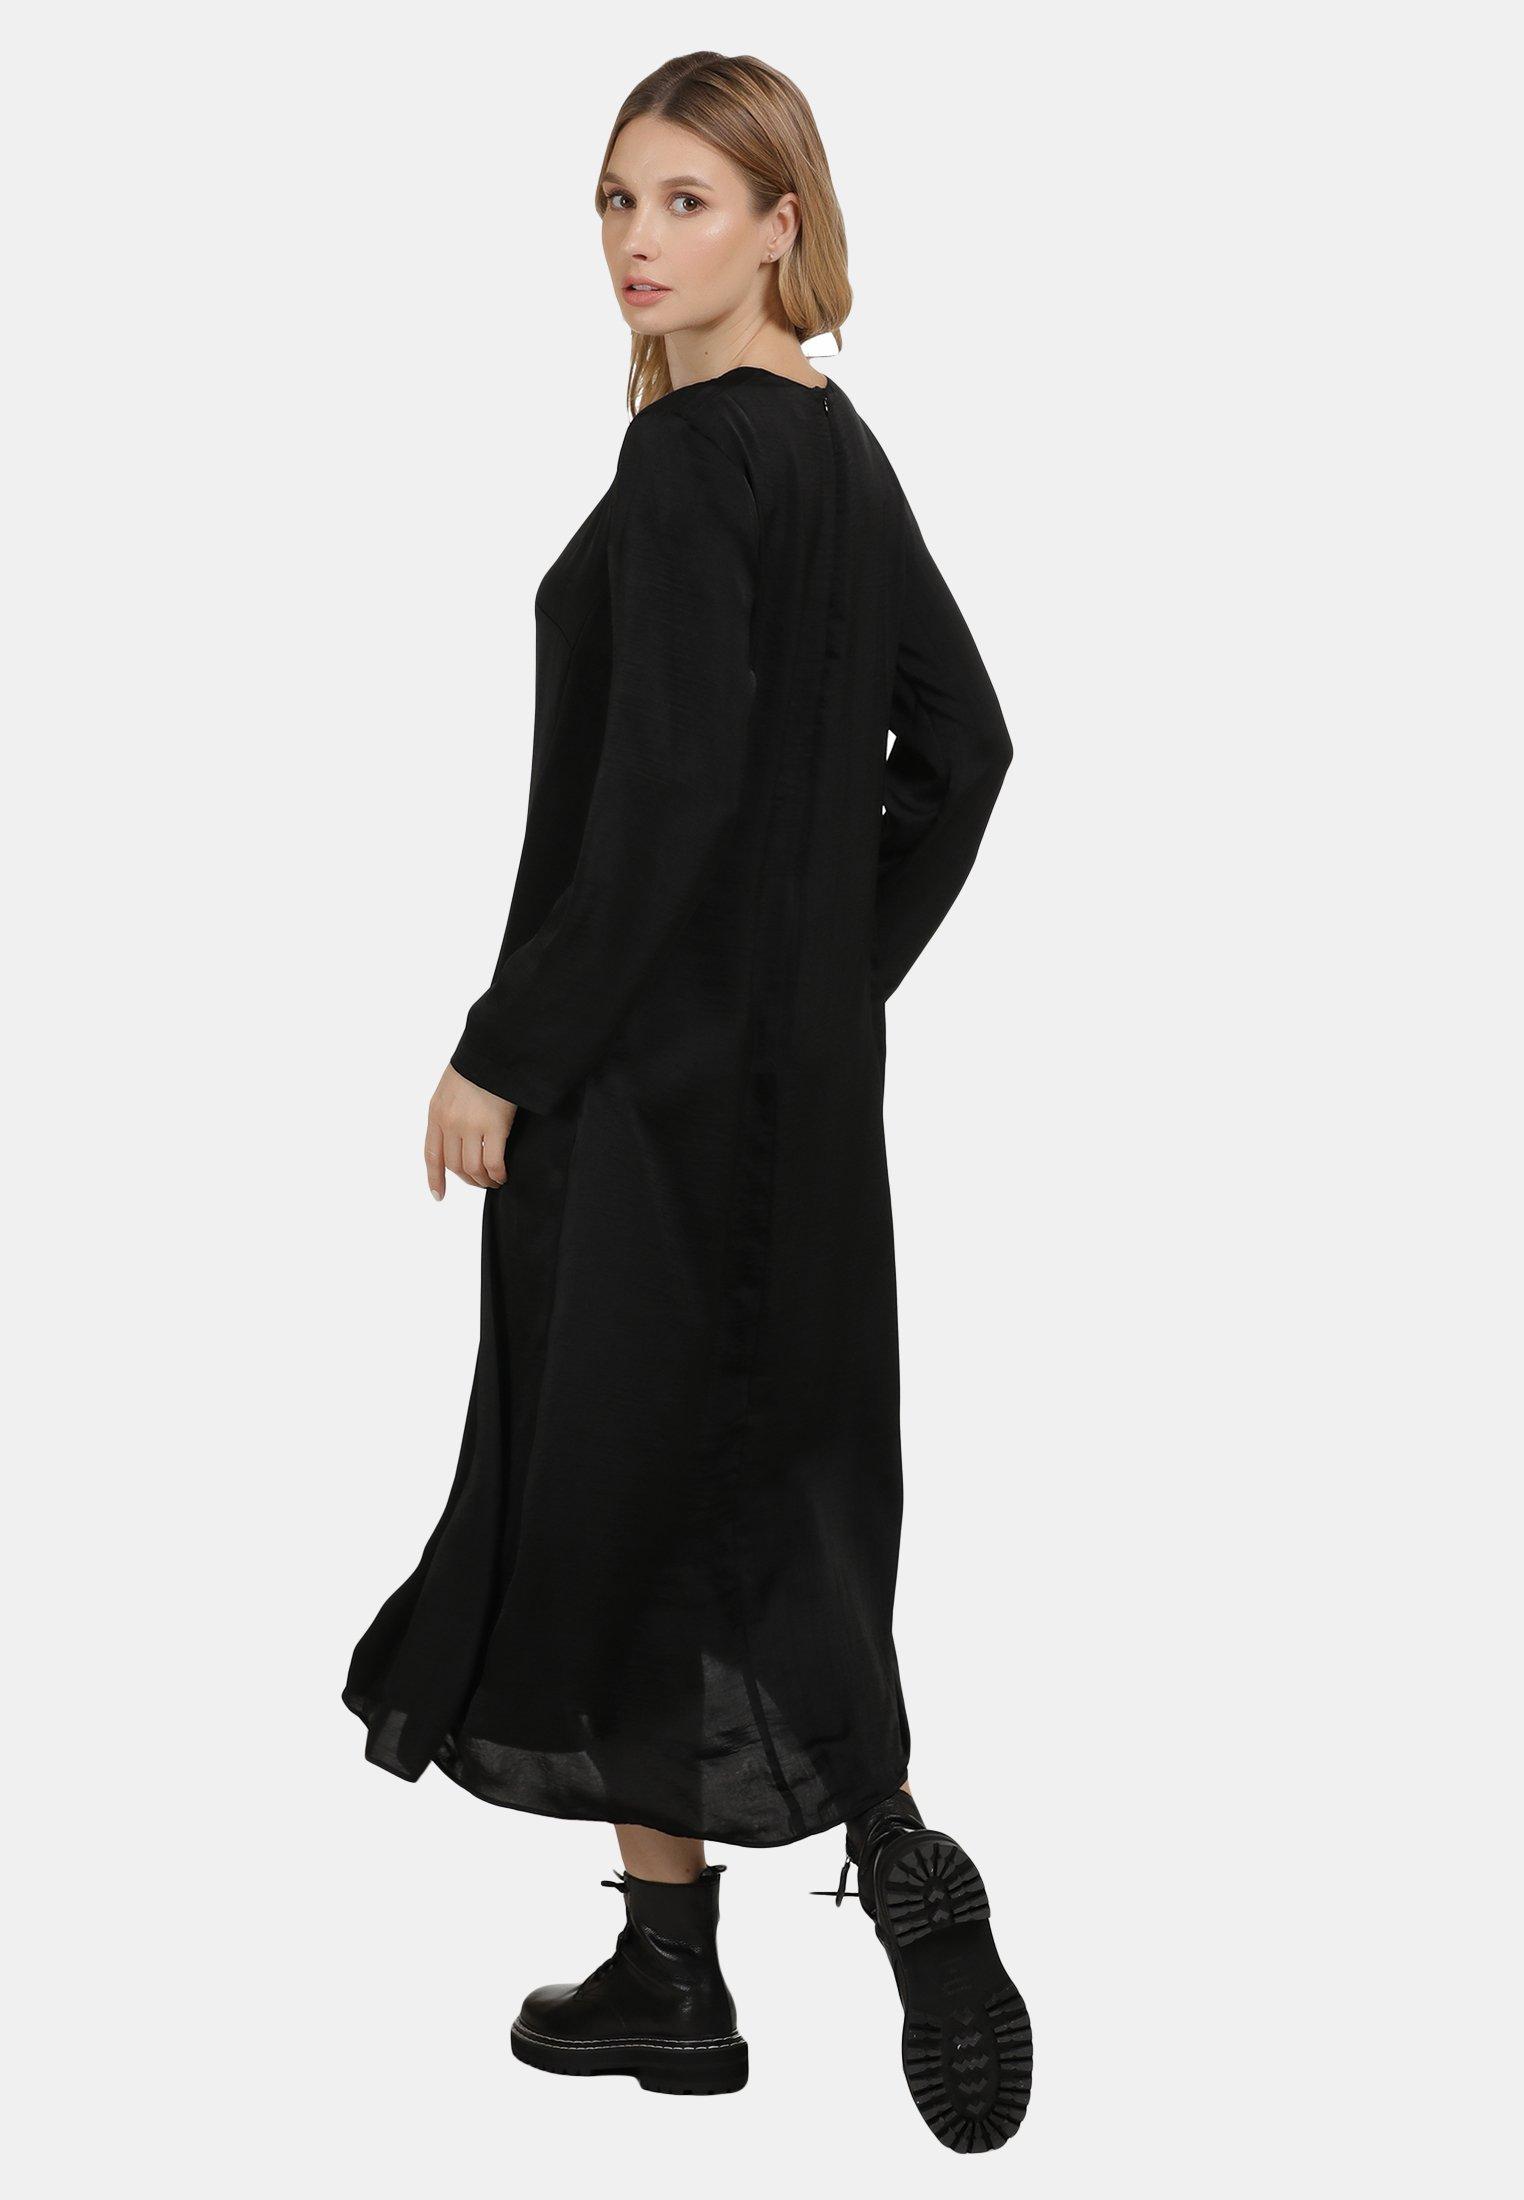 Sale Classic Women's Clothing DreiMaster MIDI-KLEID Day dress schwarz 2iLvVLFsX Re22Ctt5G